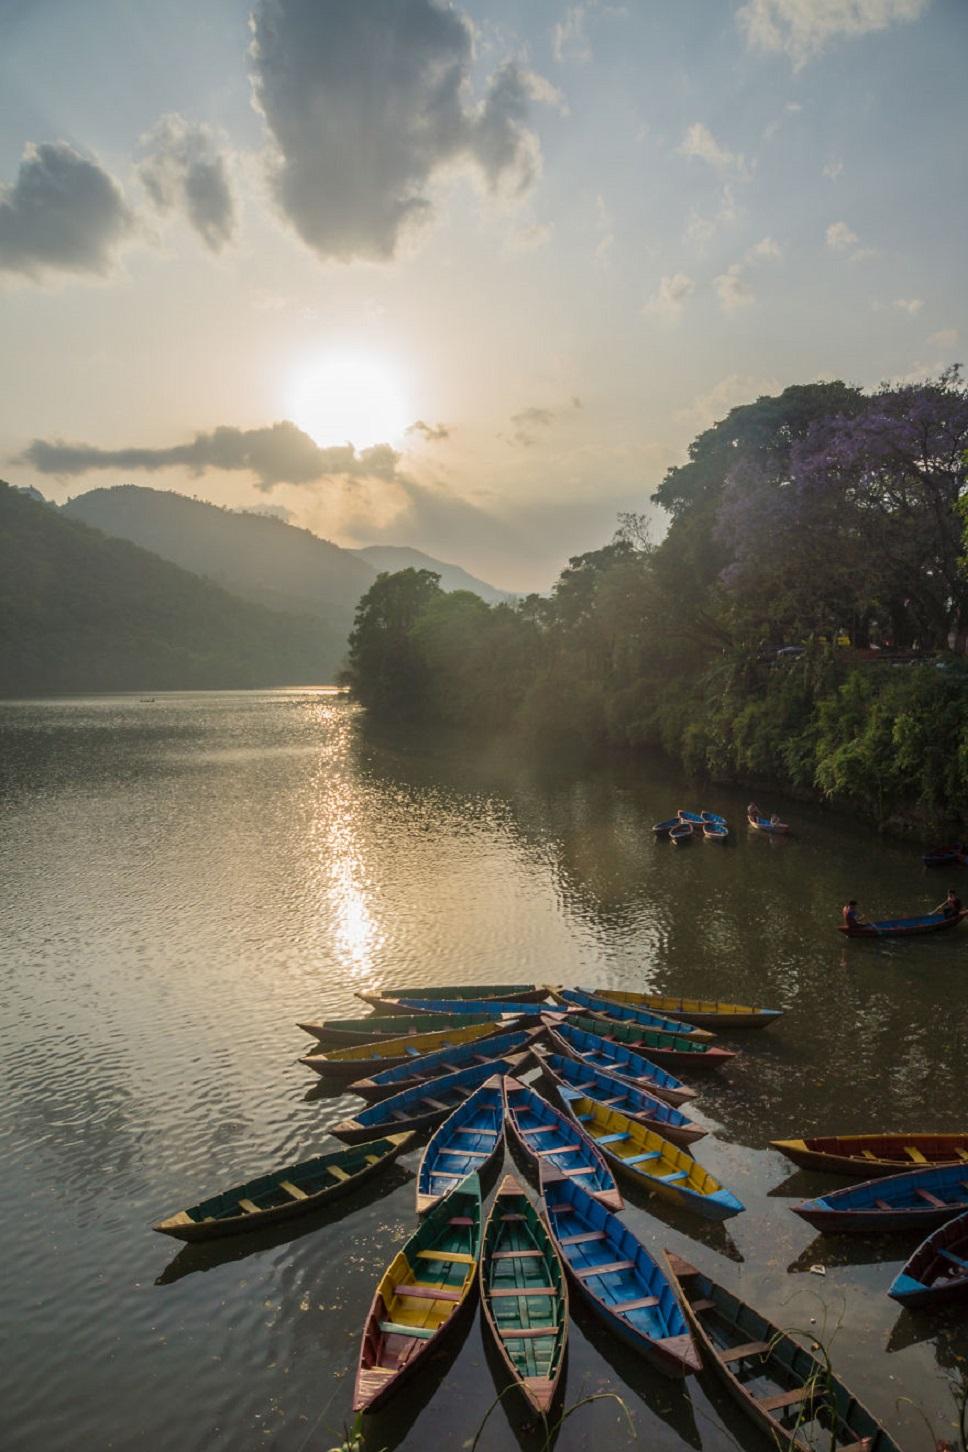 https://i1.wp.com/nomadesdigitais.com/wp-content/uploads/2016/01/nepal13.jpg